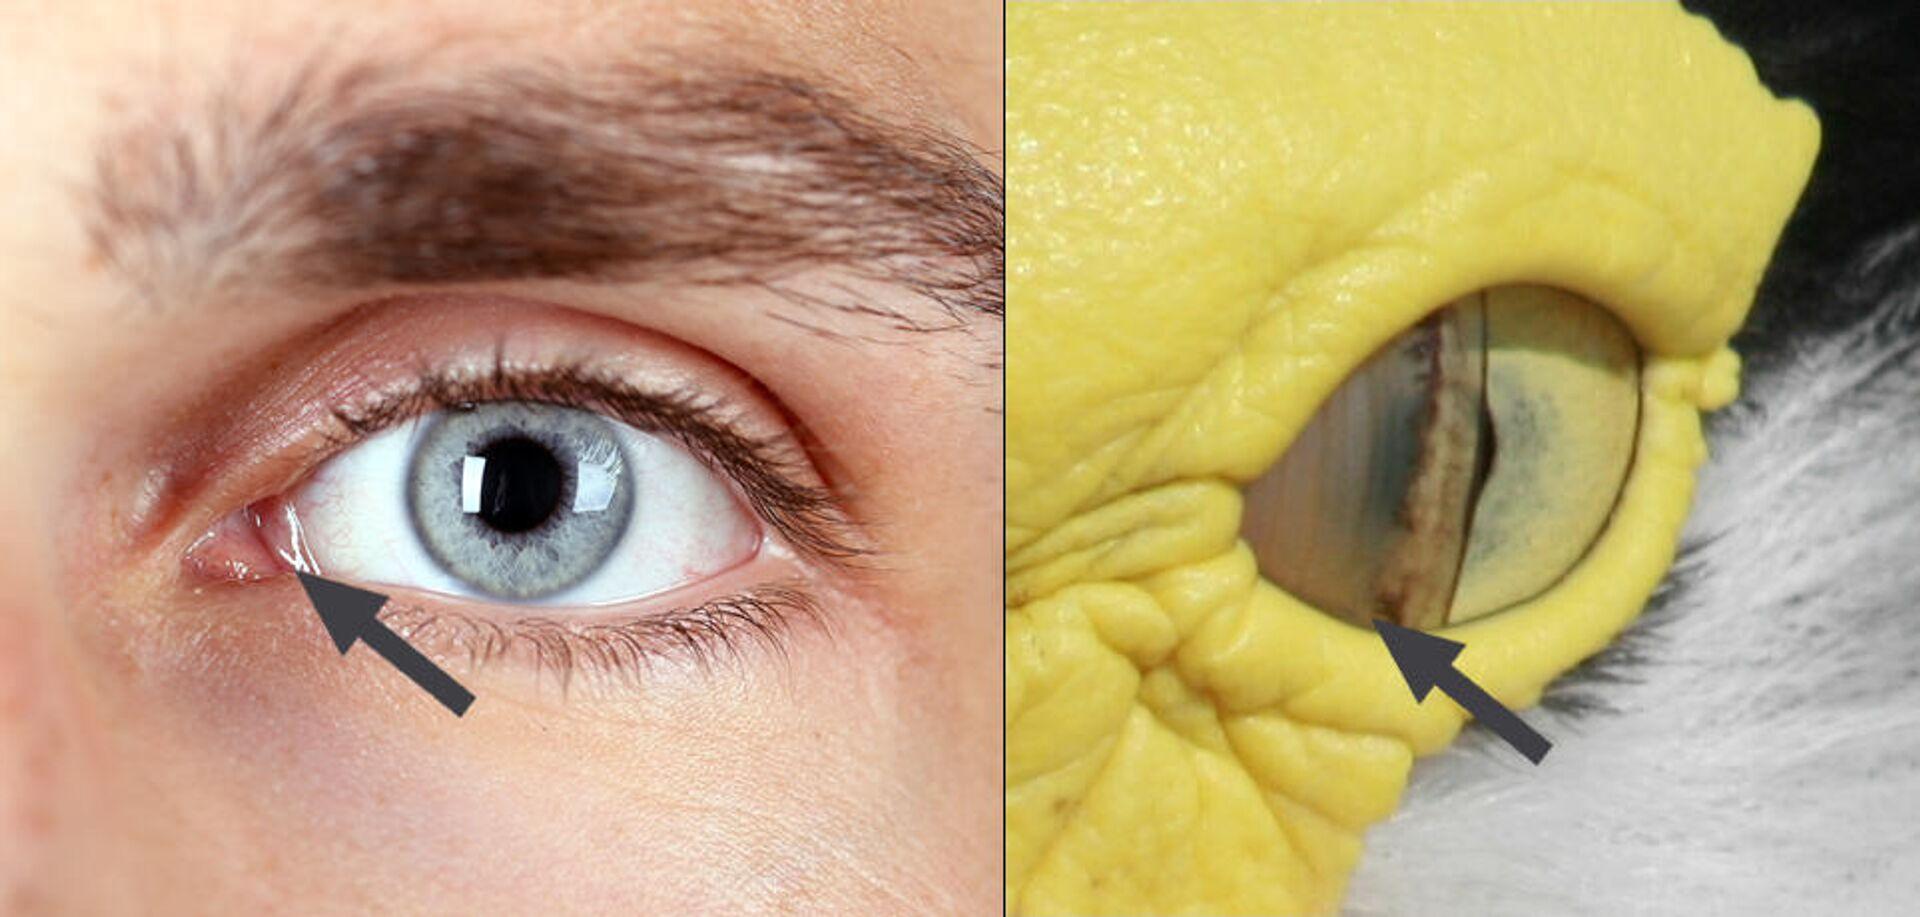 Полулунная складка левого глаза человека и мигательная перепонка левого глаза солдатского чибиса - РИА Новости, 1920, 10.03.2021